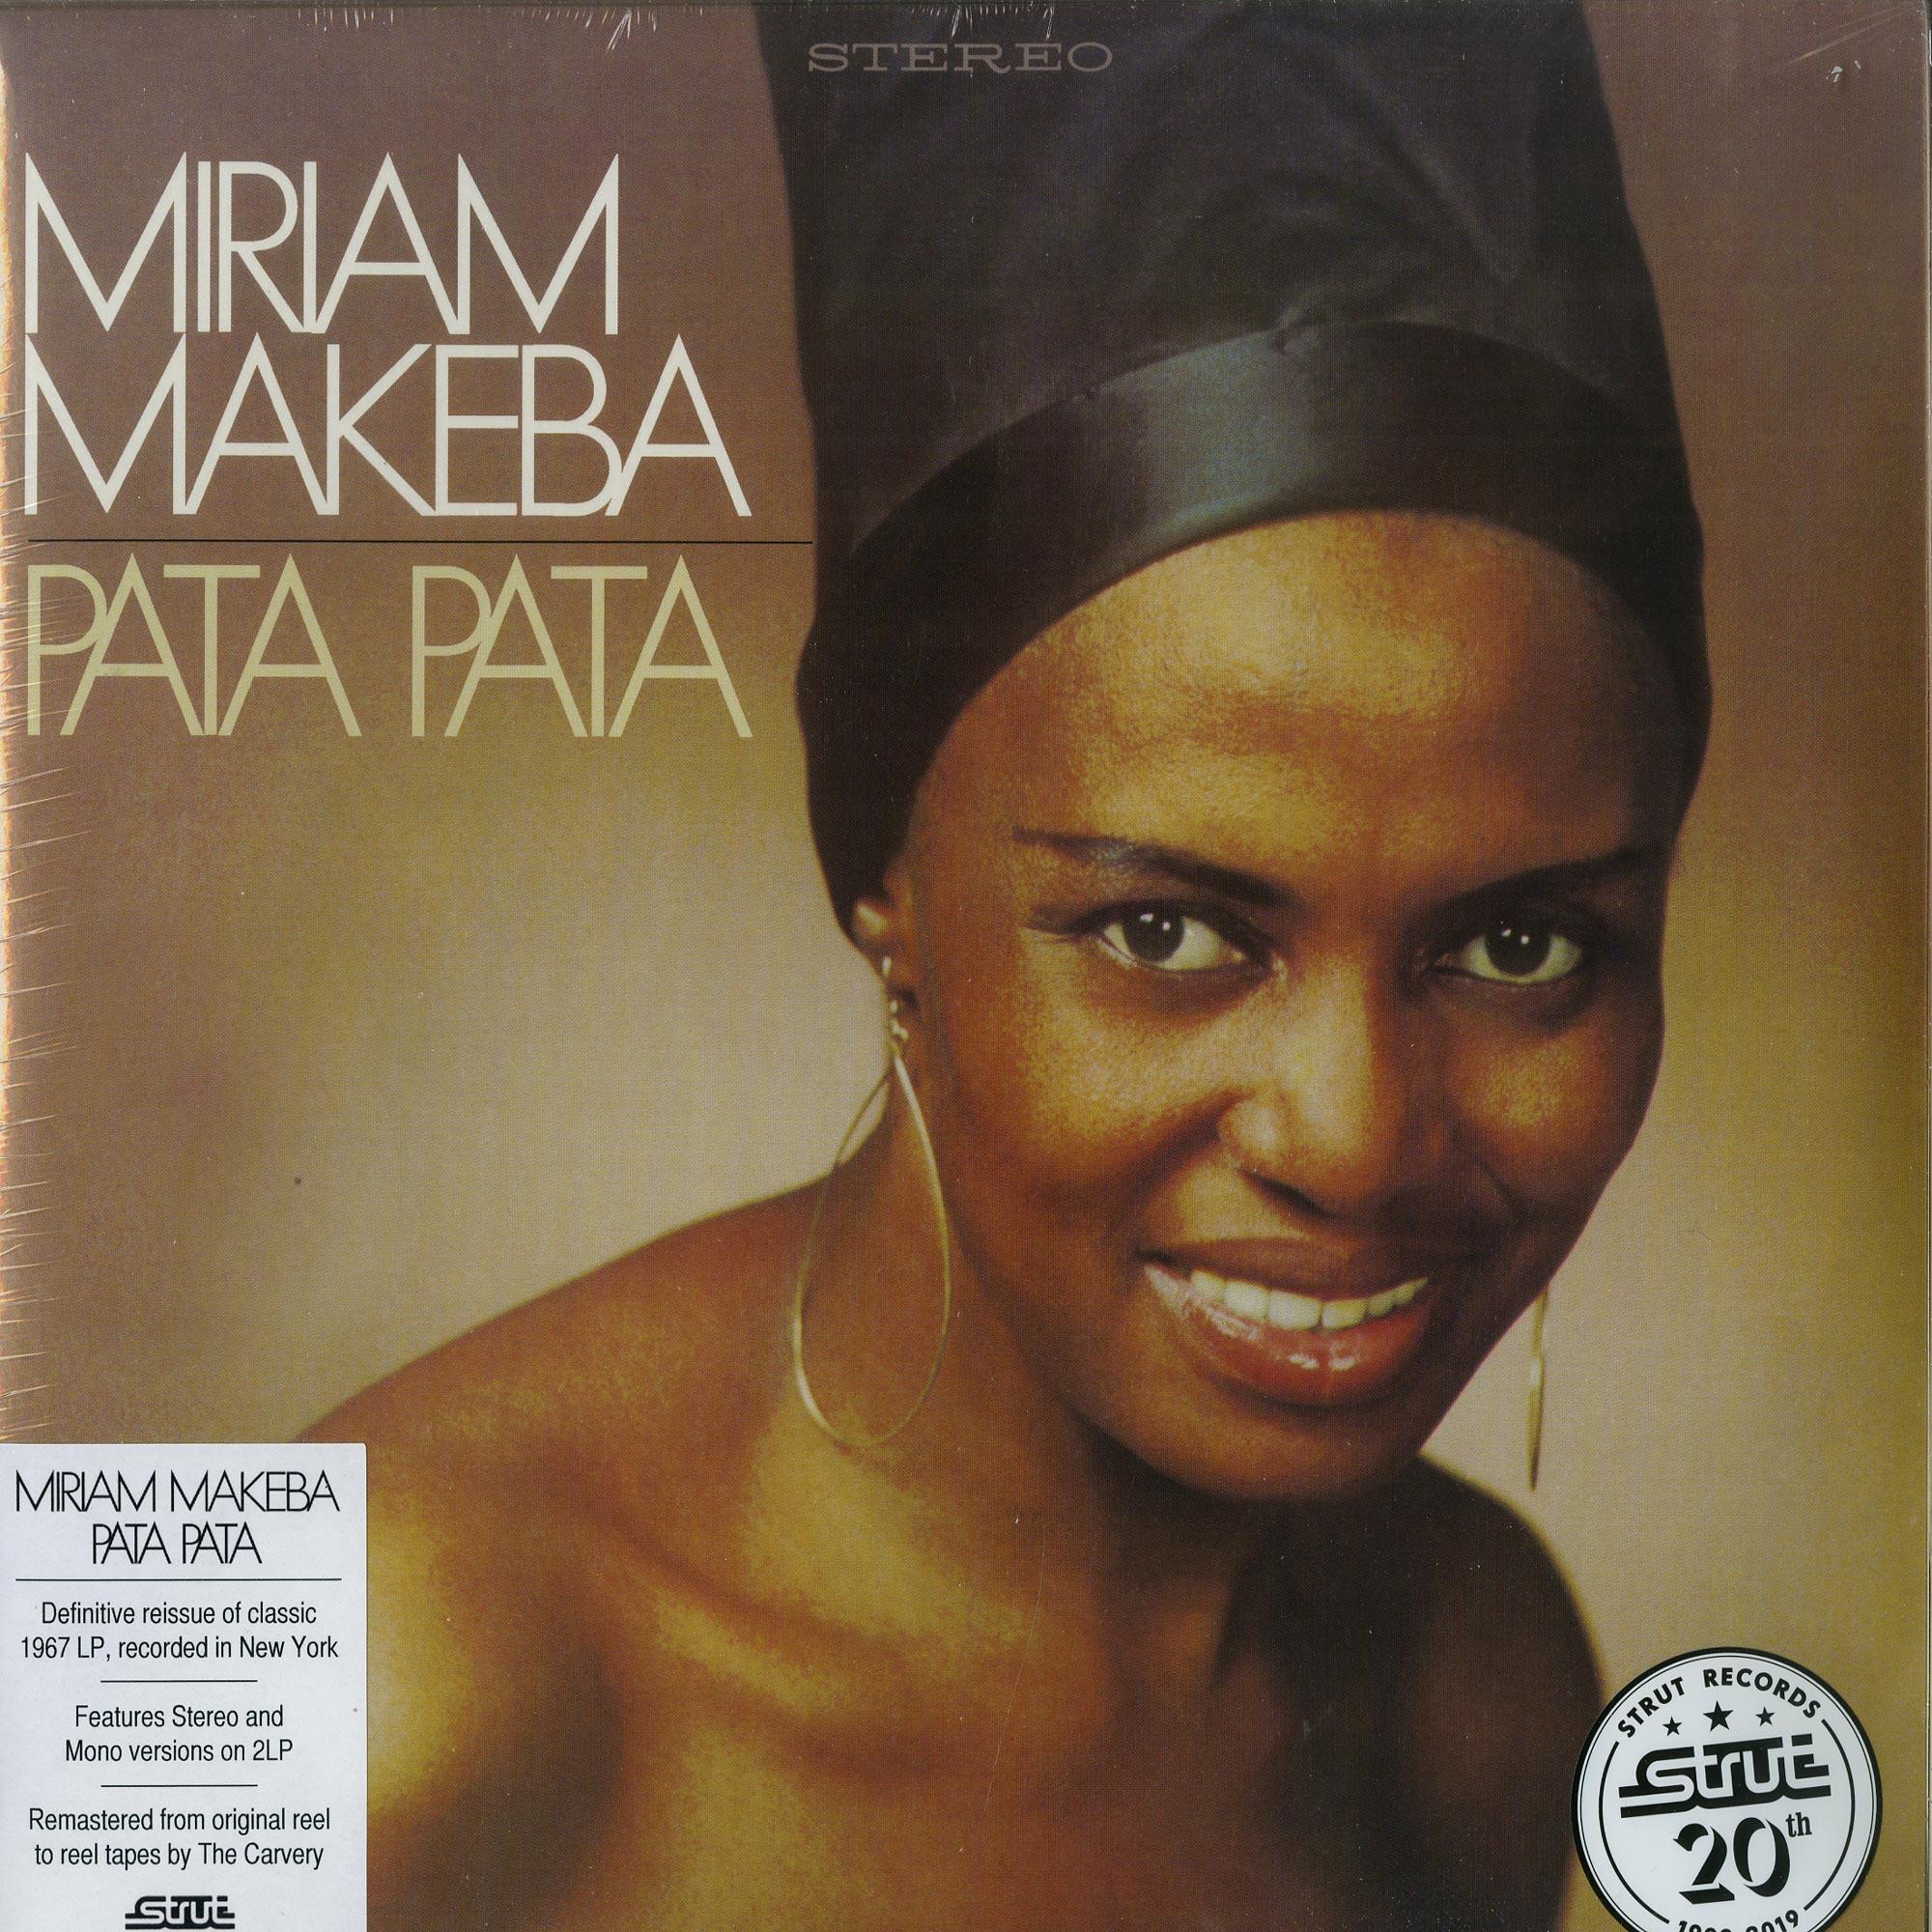 Miriam Makeba - PATA PATA